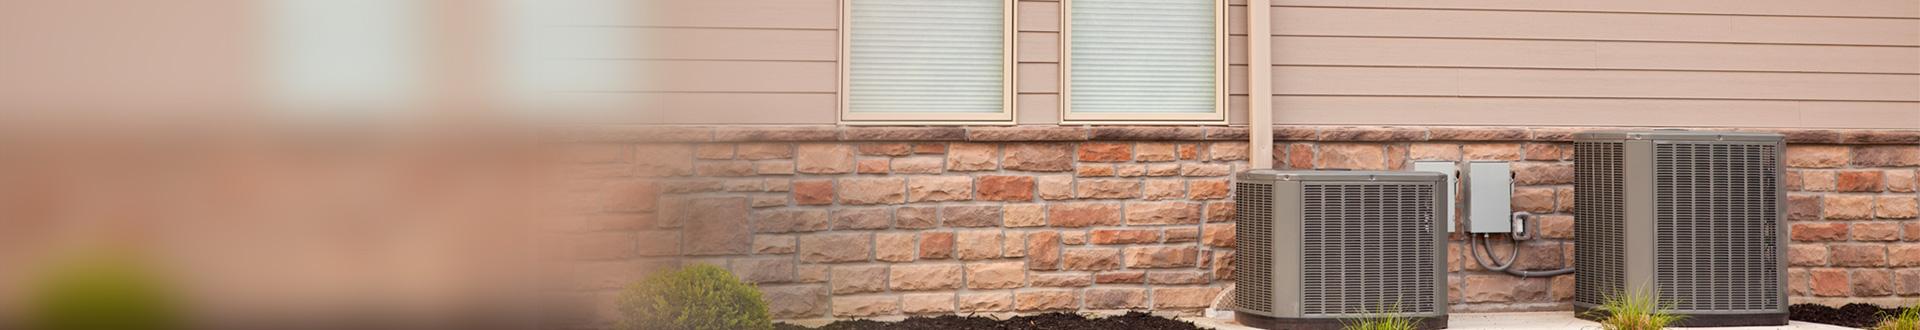 klimatyzacja zamontowana na ścianie